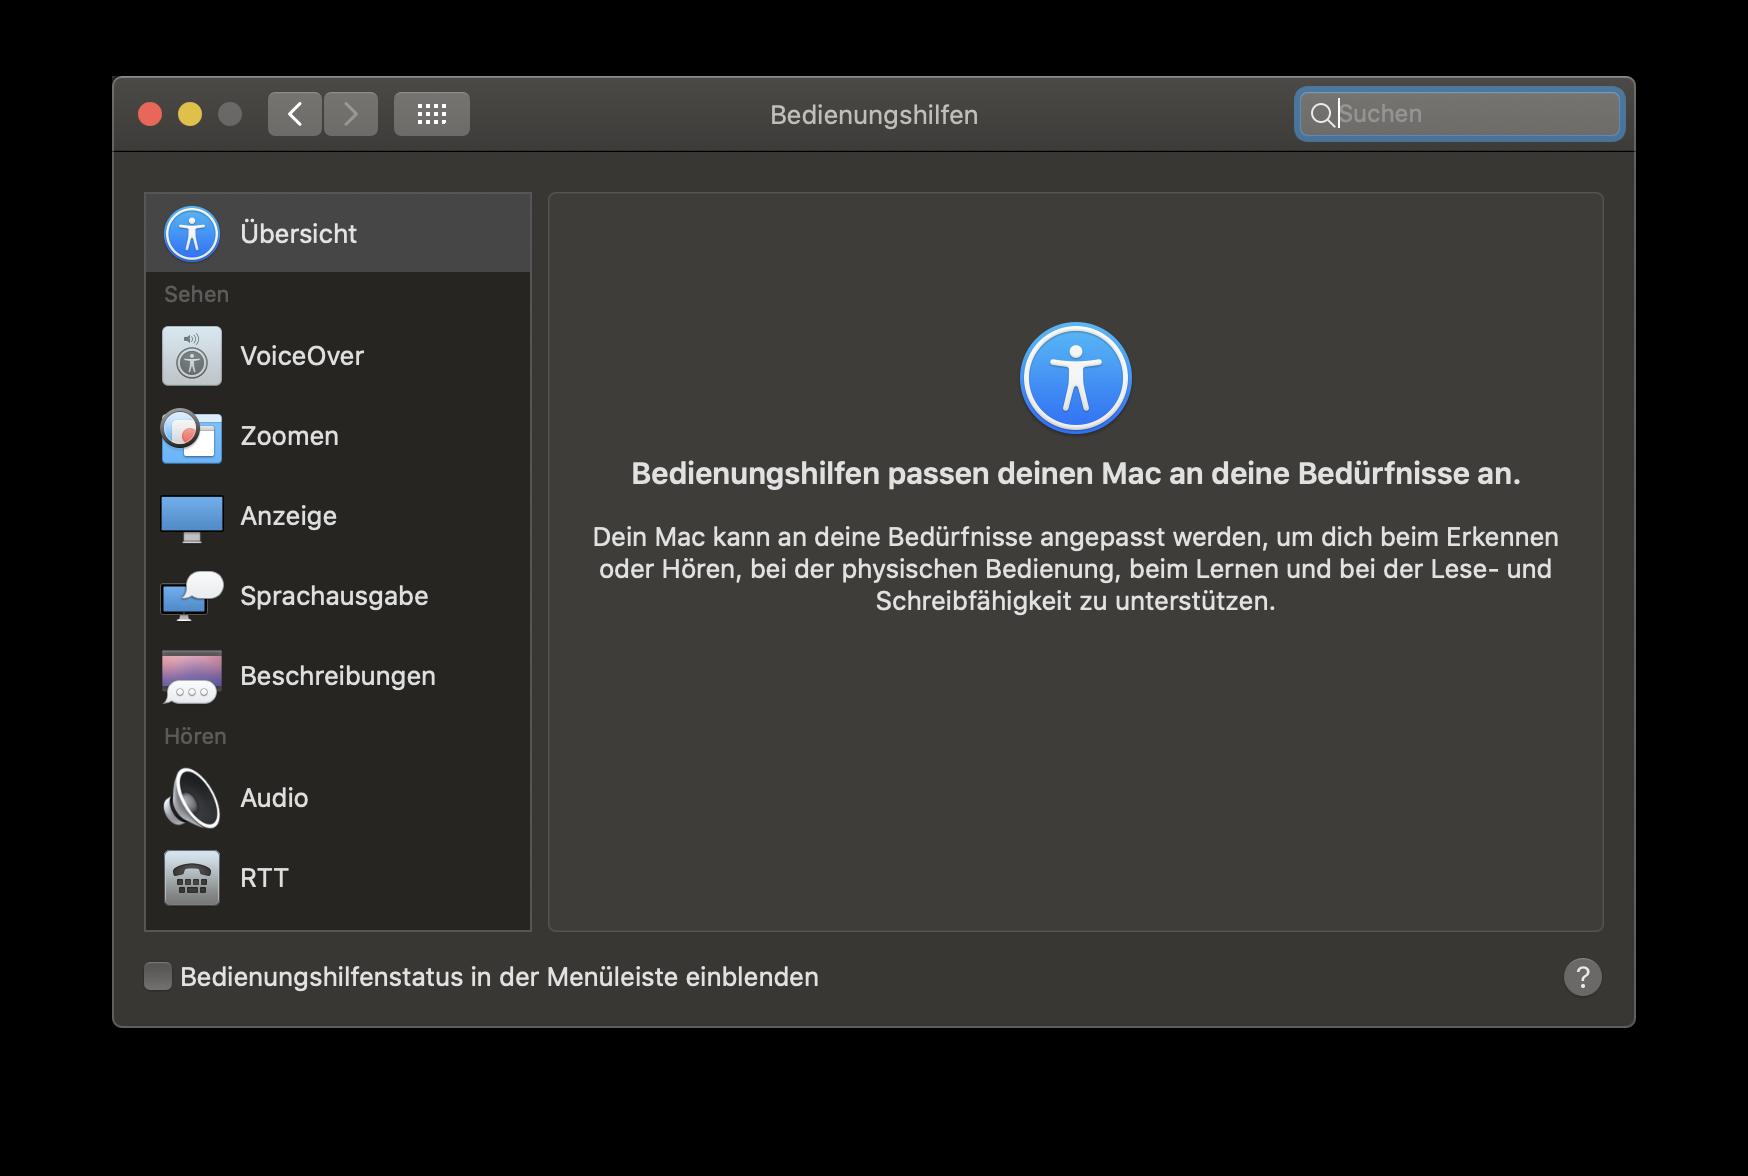 Die Bedienungshilfen sind fester Bestandteil der Plattformen von Apple (hier zu sehen unter macOS).